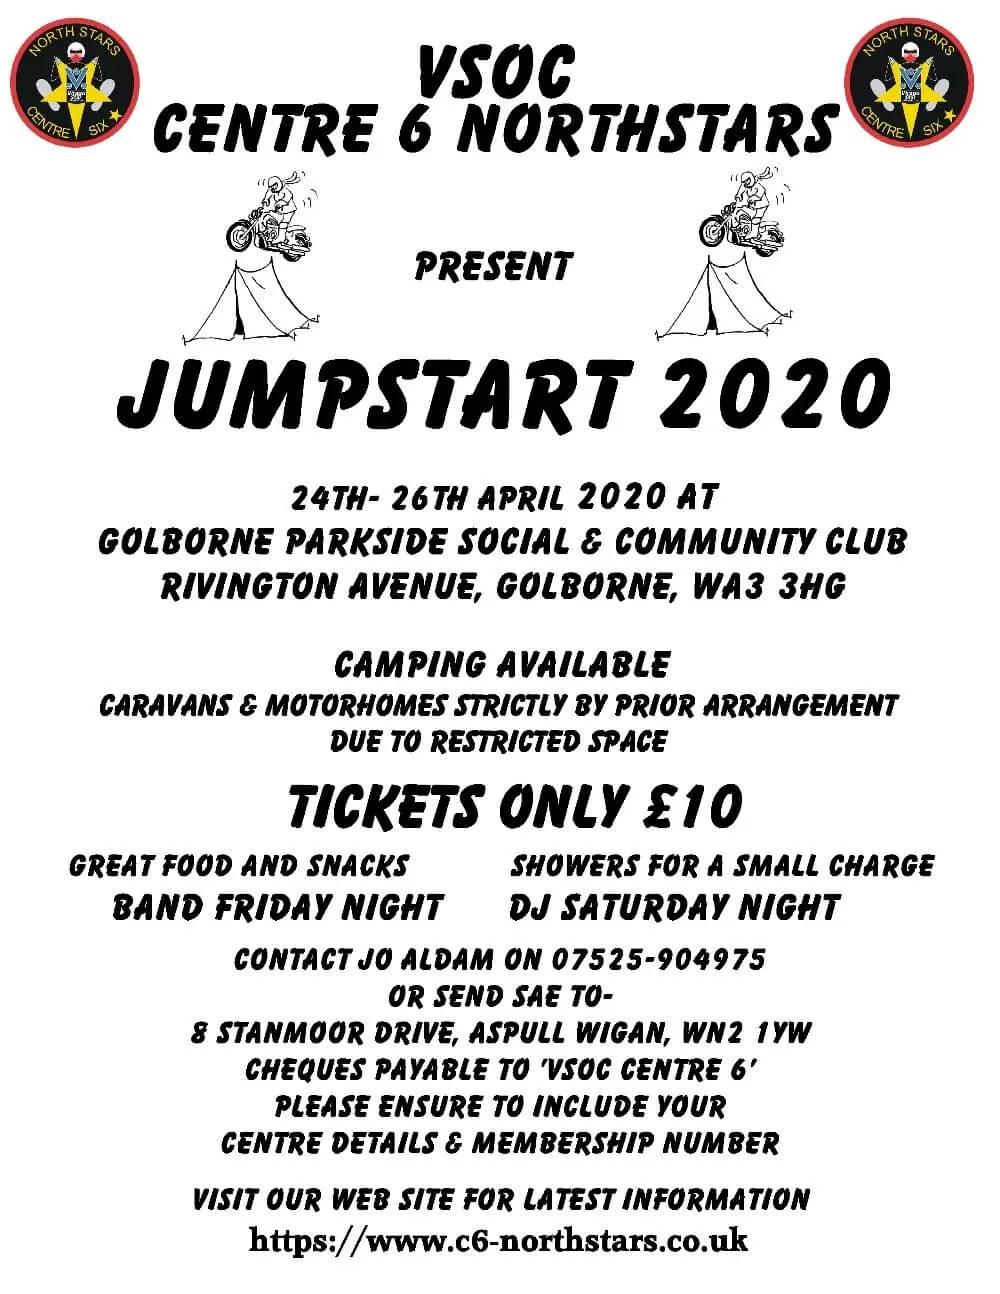 Jumpstart 2020